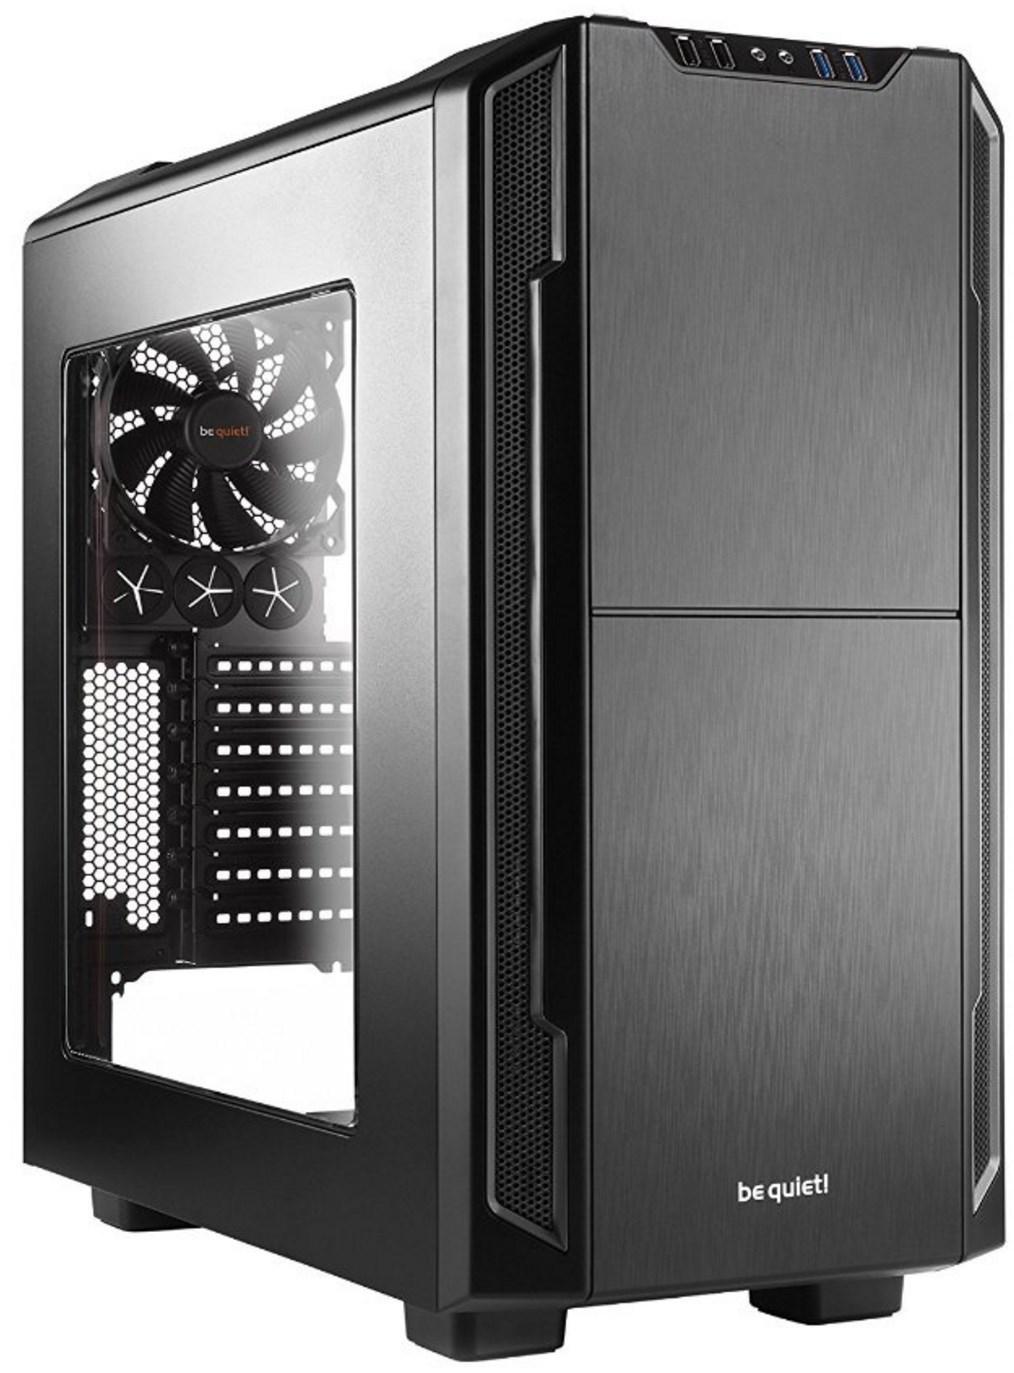 Boitier PC Be quiet! Silent Base 600 - avec fenetre, moyen tour